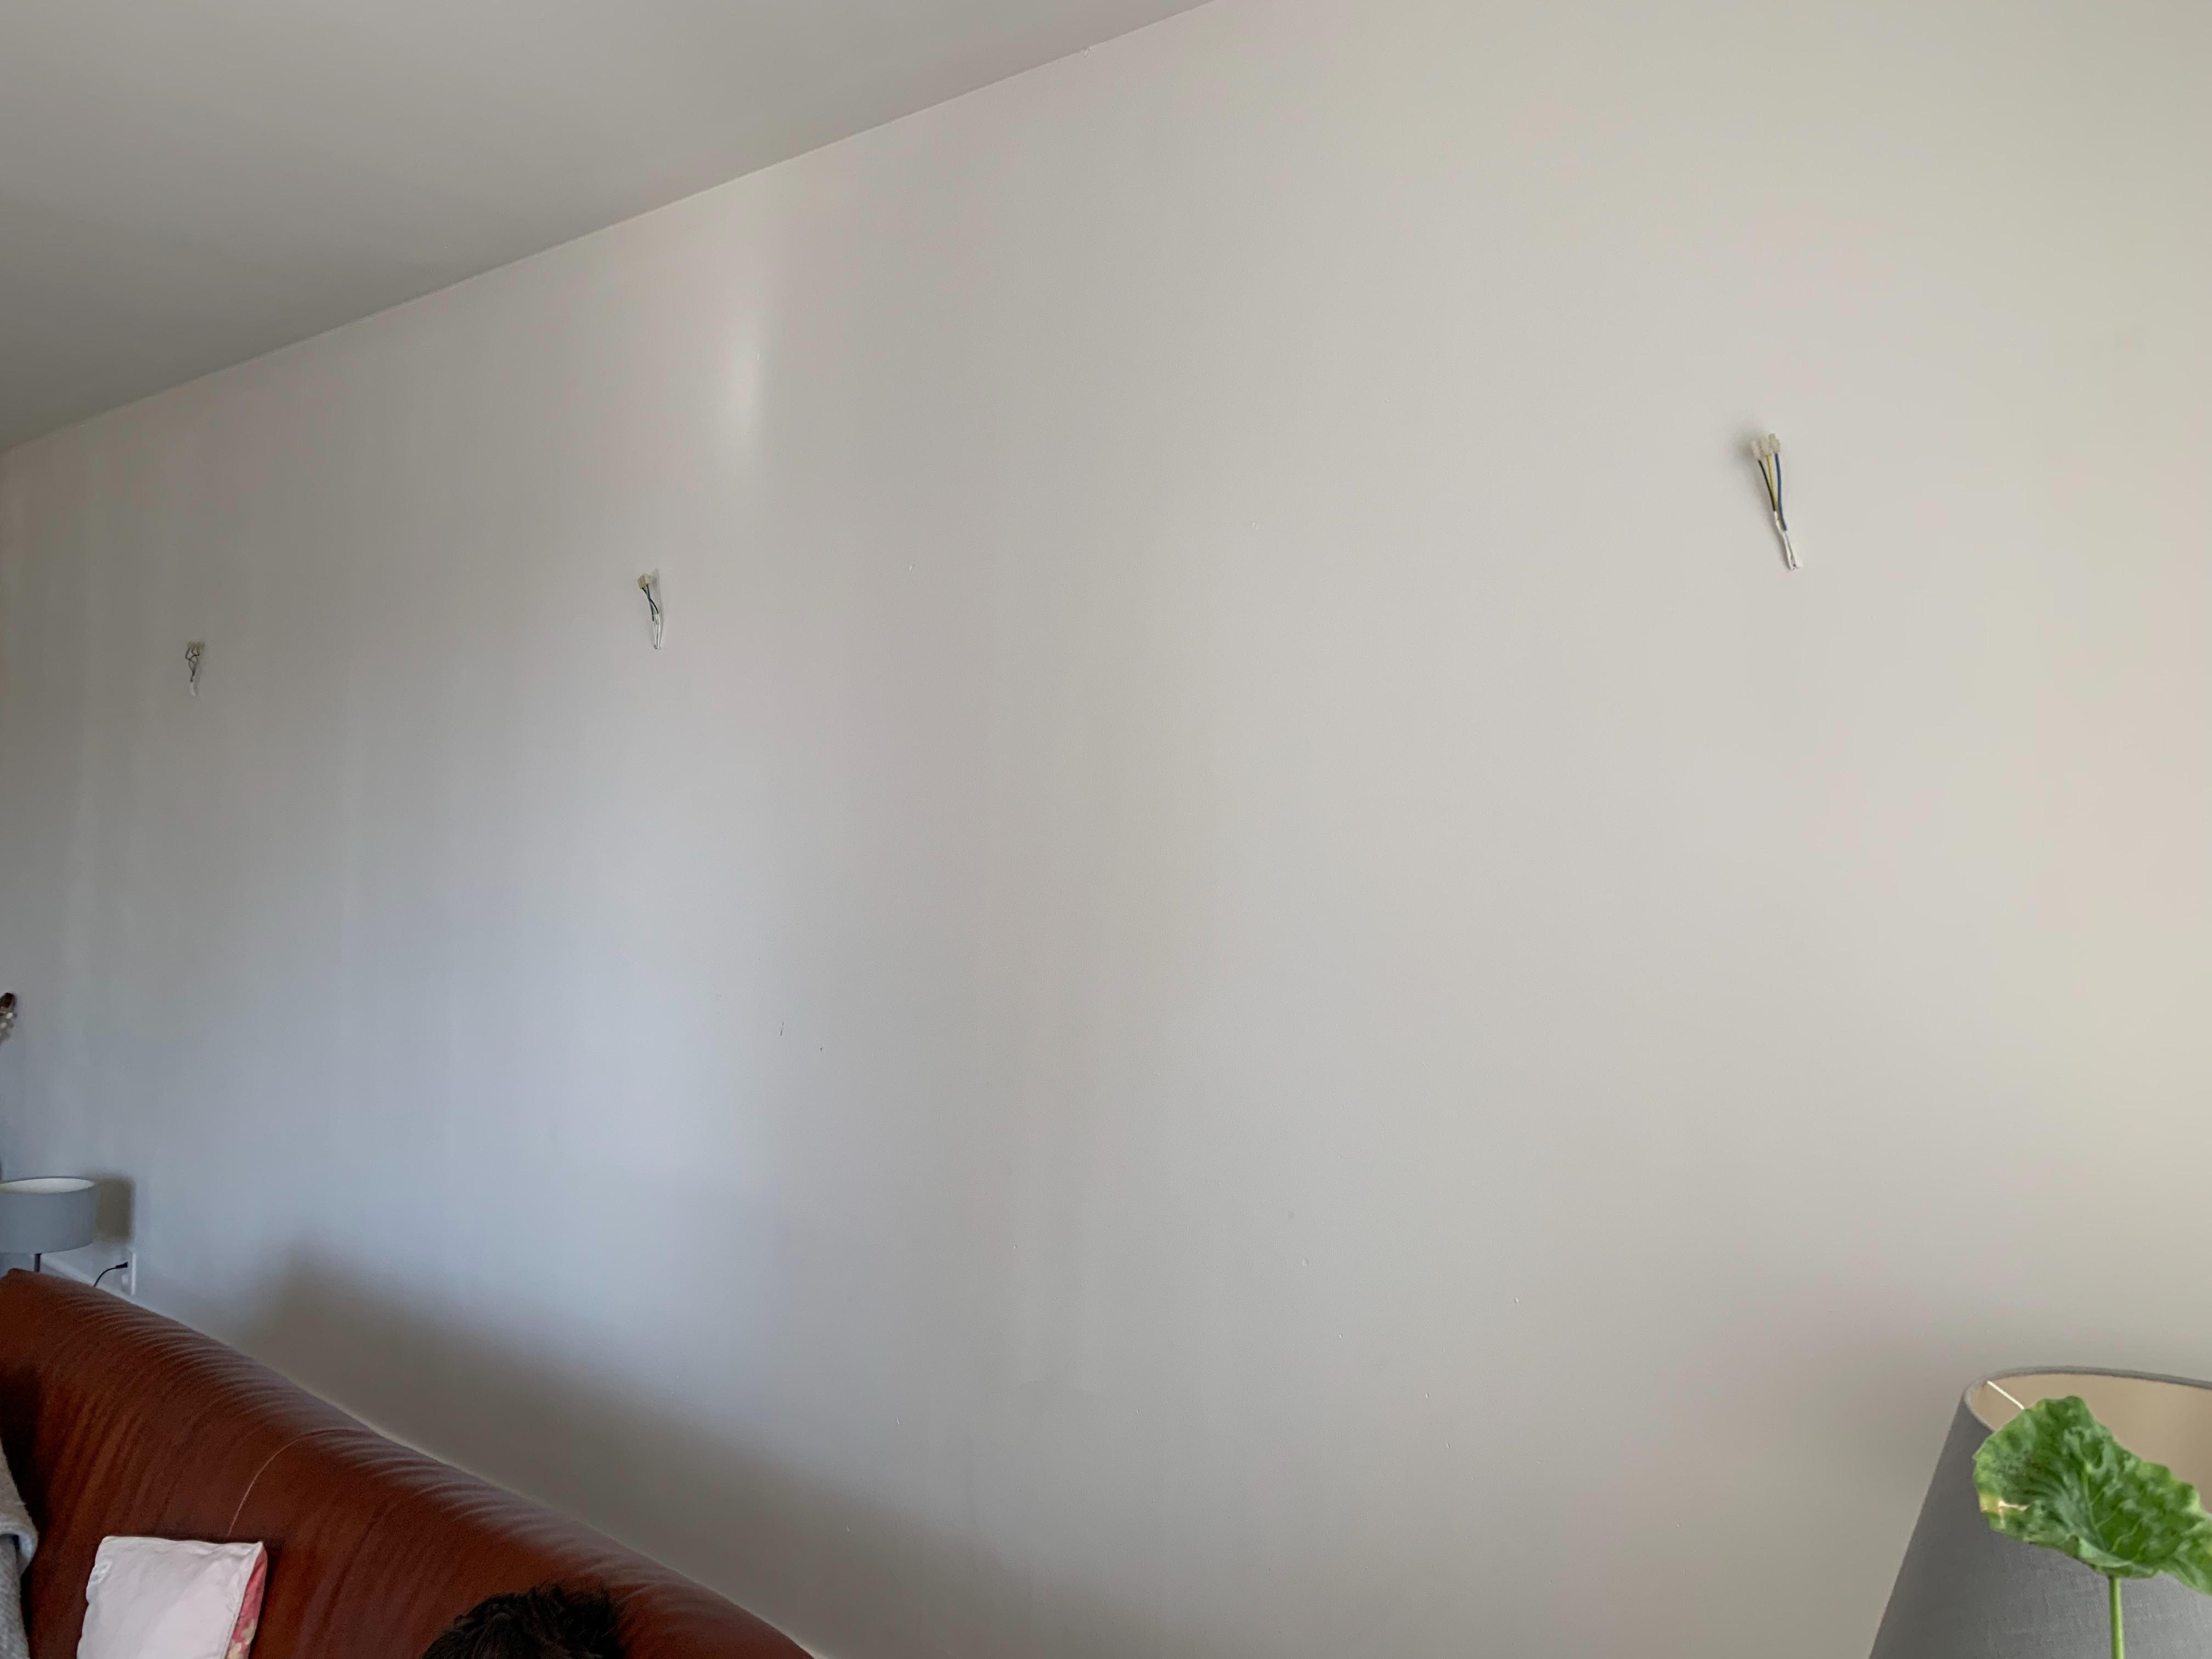 Behangen 10 m2 behang aanbrengen werkspot for Kostprijs behangen per m2